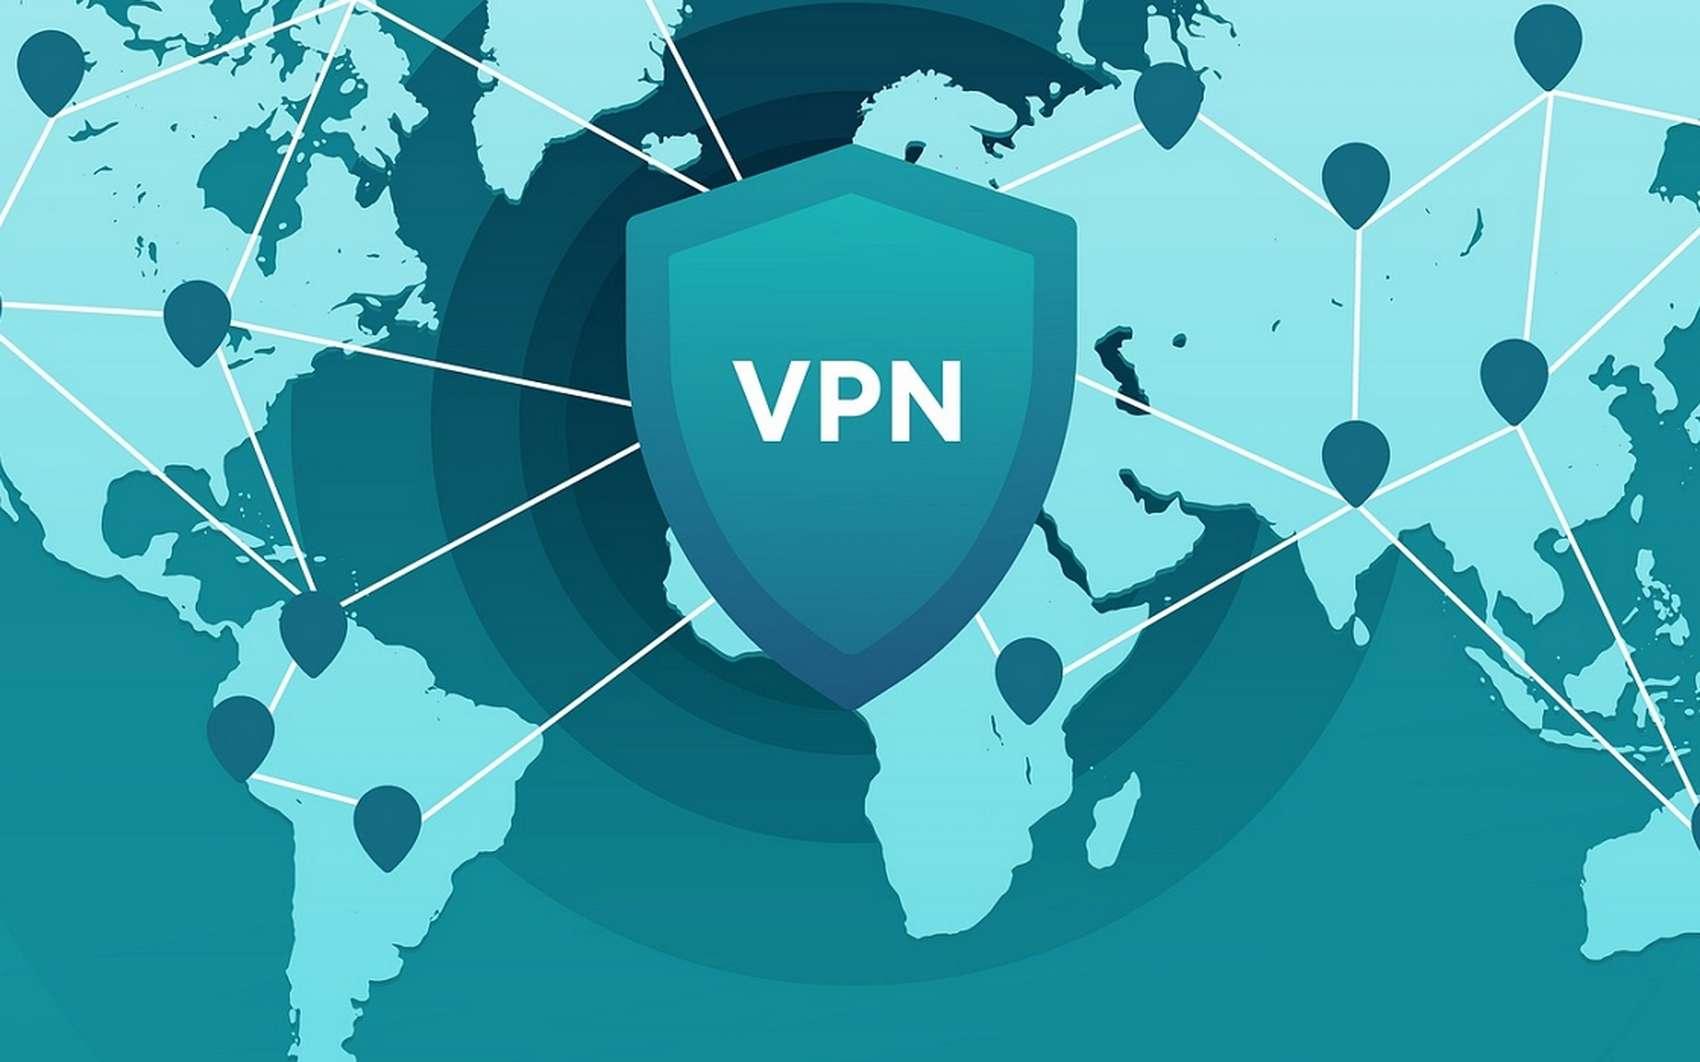 ¿Buscando una VPN para tu móvil Xiaomi? Qué es y cual es la mejor